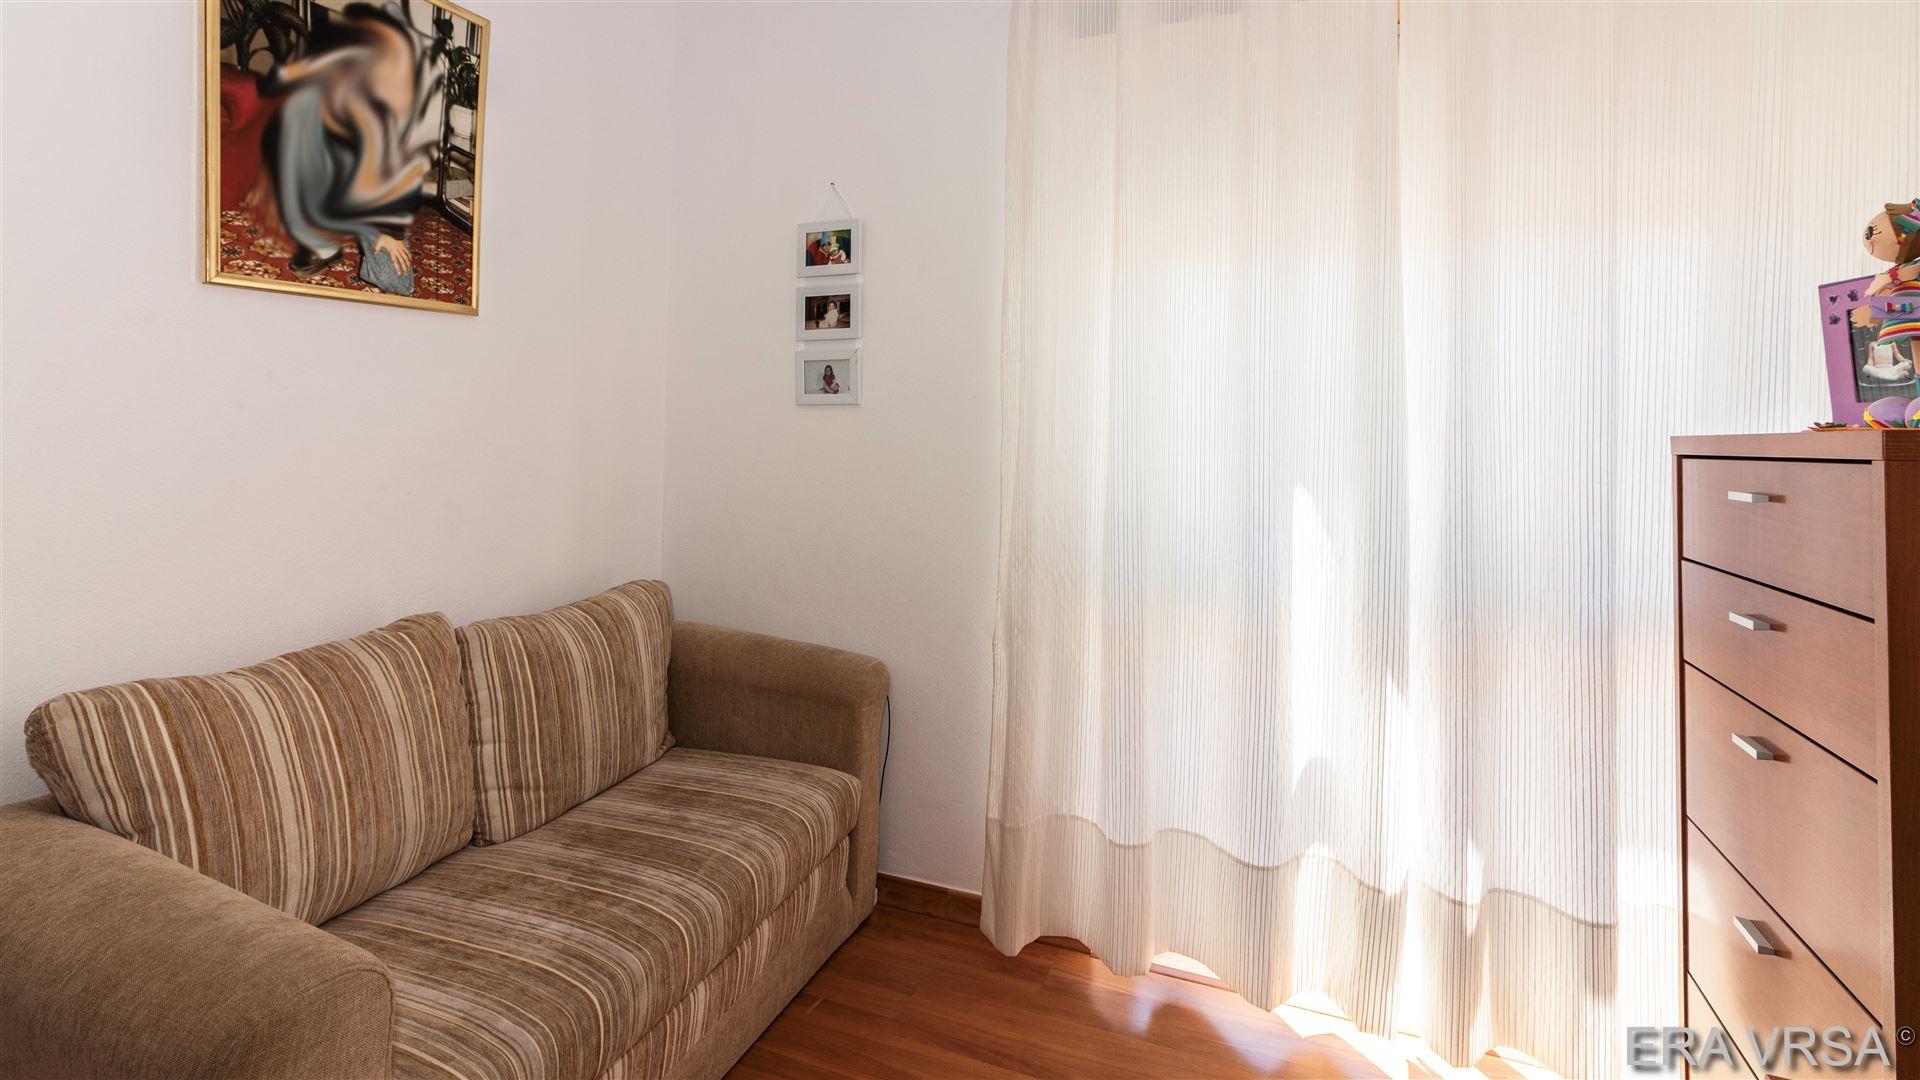 Viviendas Adosadas en barrio 3 habitaciones para comprar - Algarve, , Castro Marim